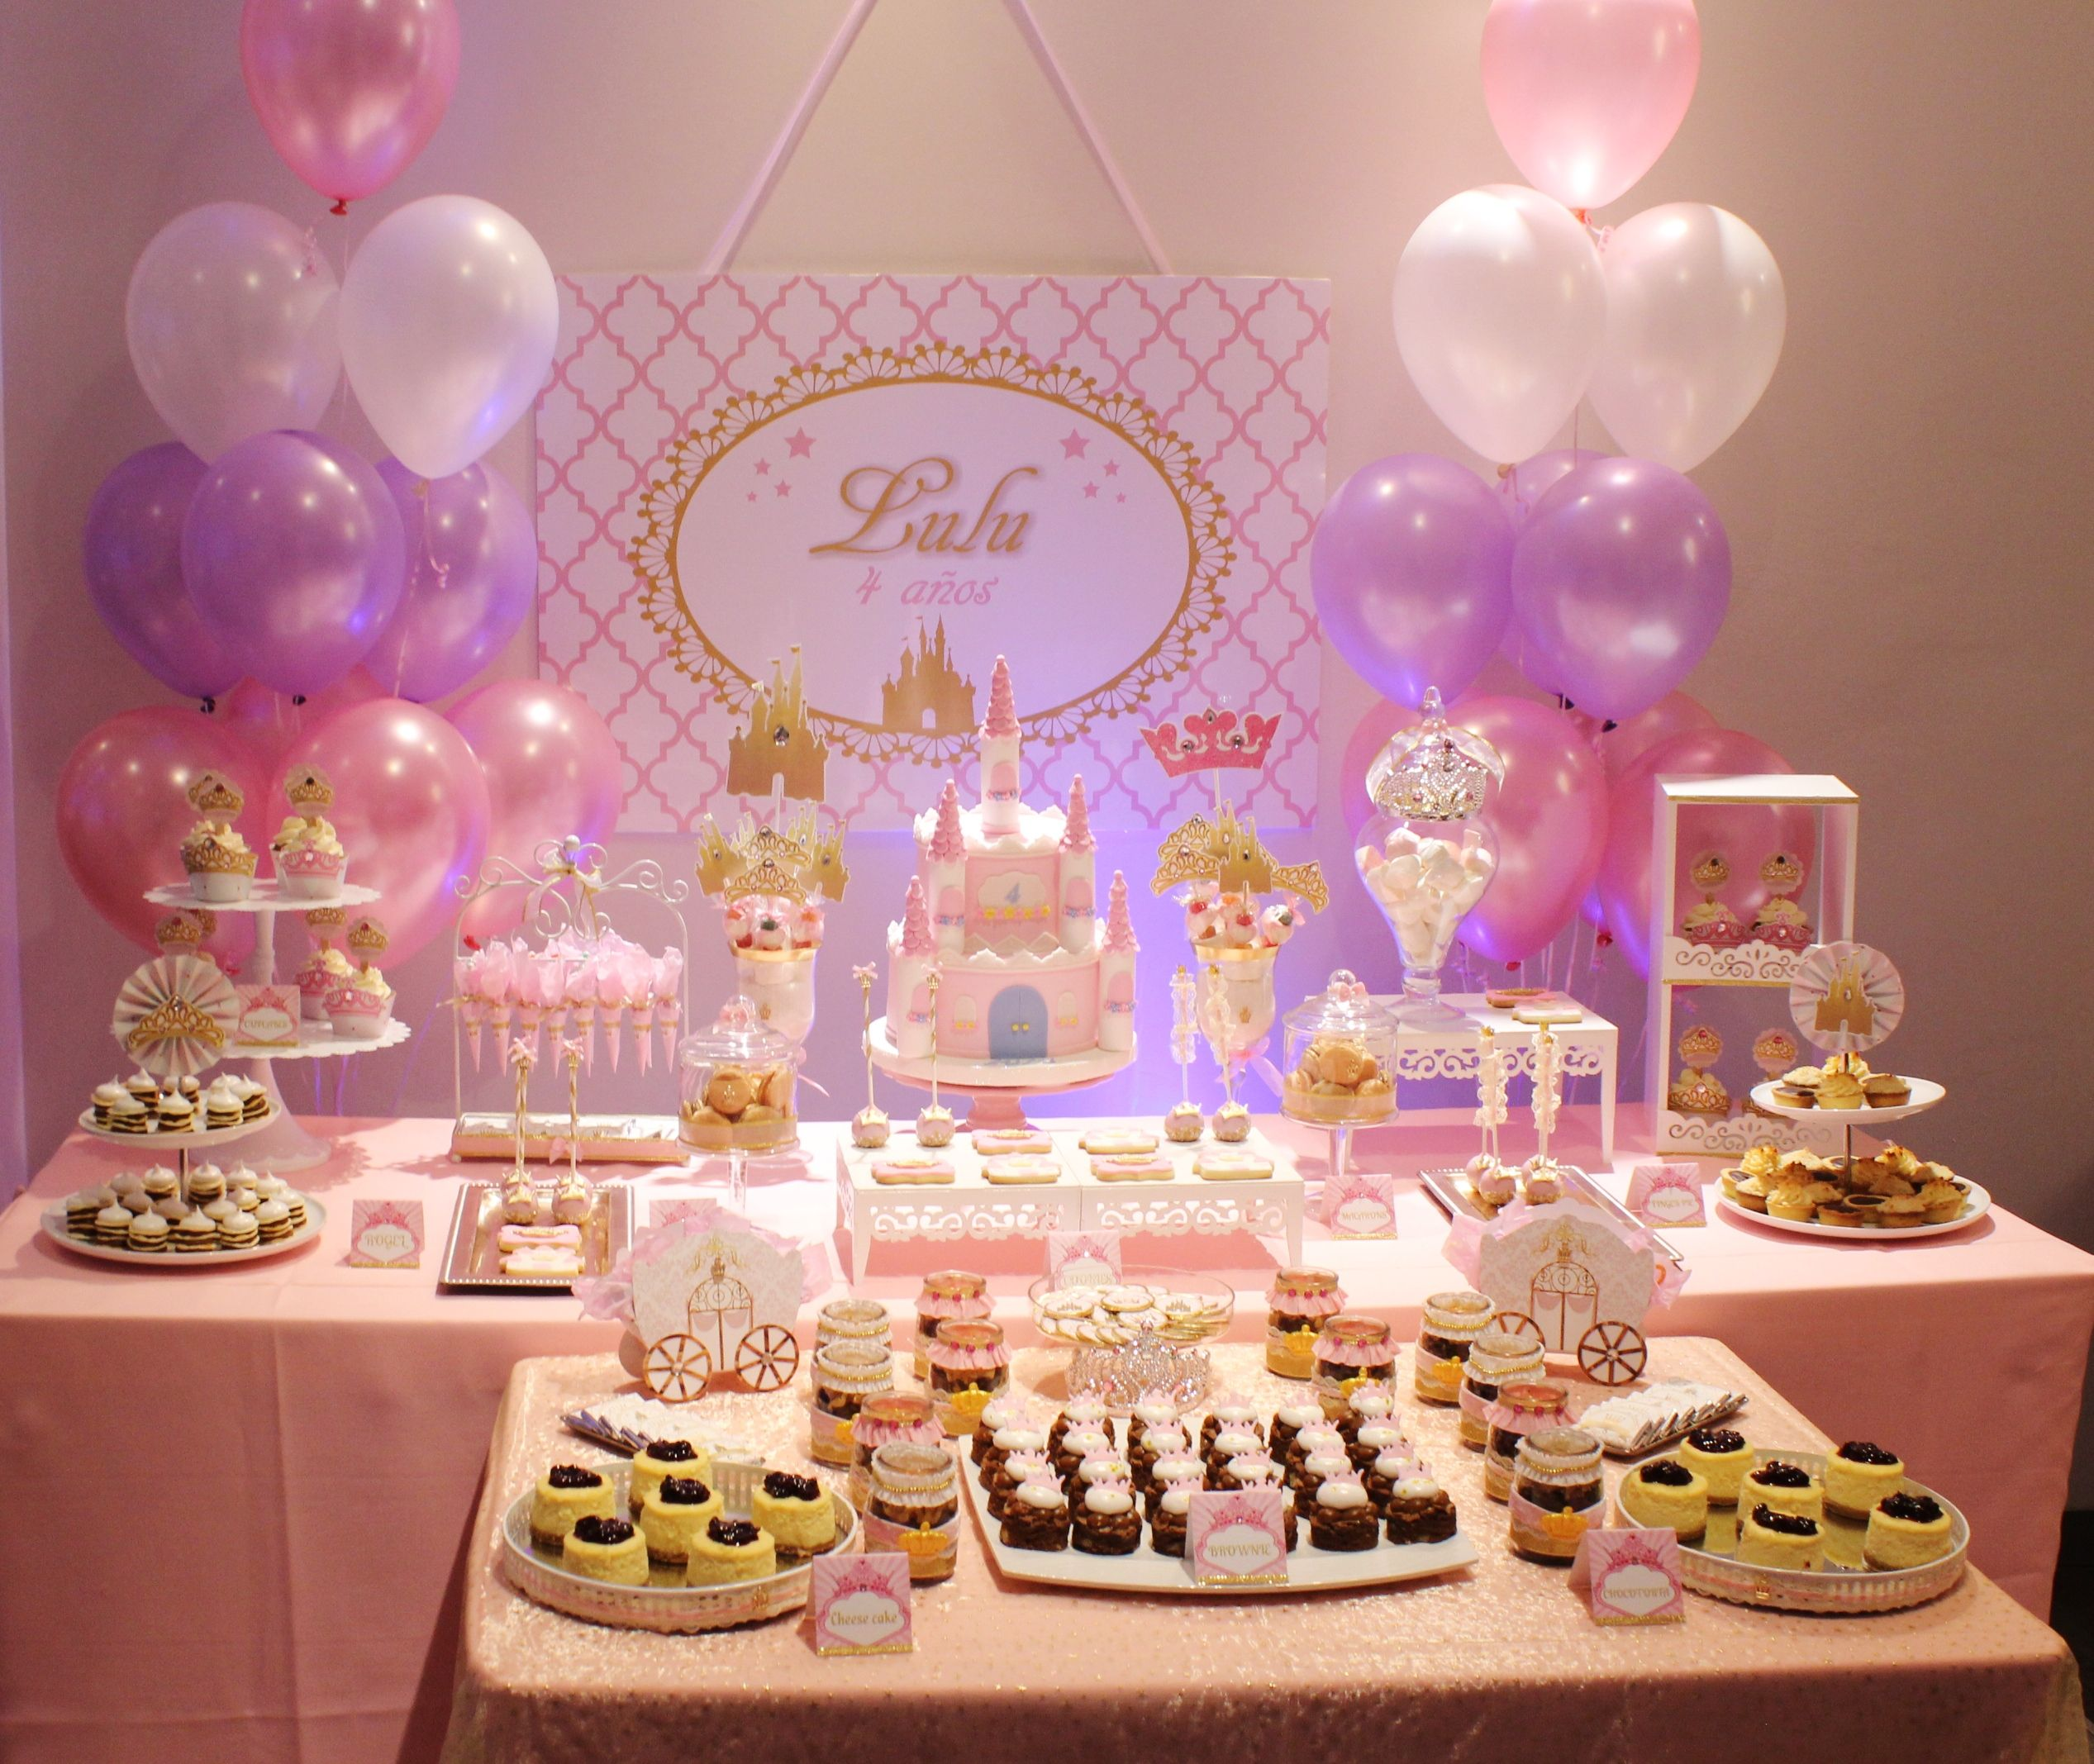 Princess party violeta glace candy bar party en 2019 - Fiestas de cumpleanos de princesas ...